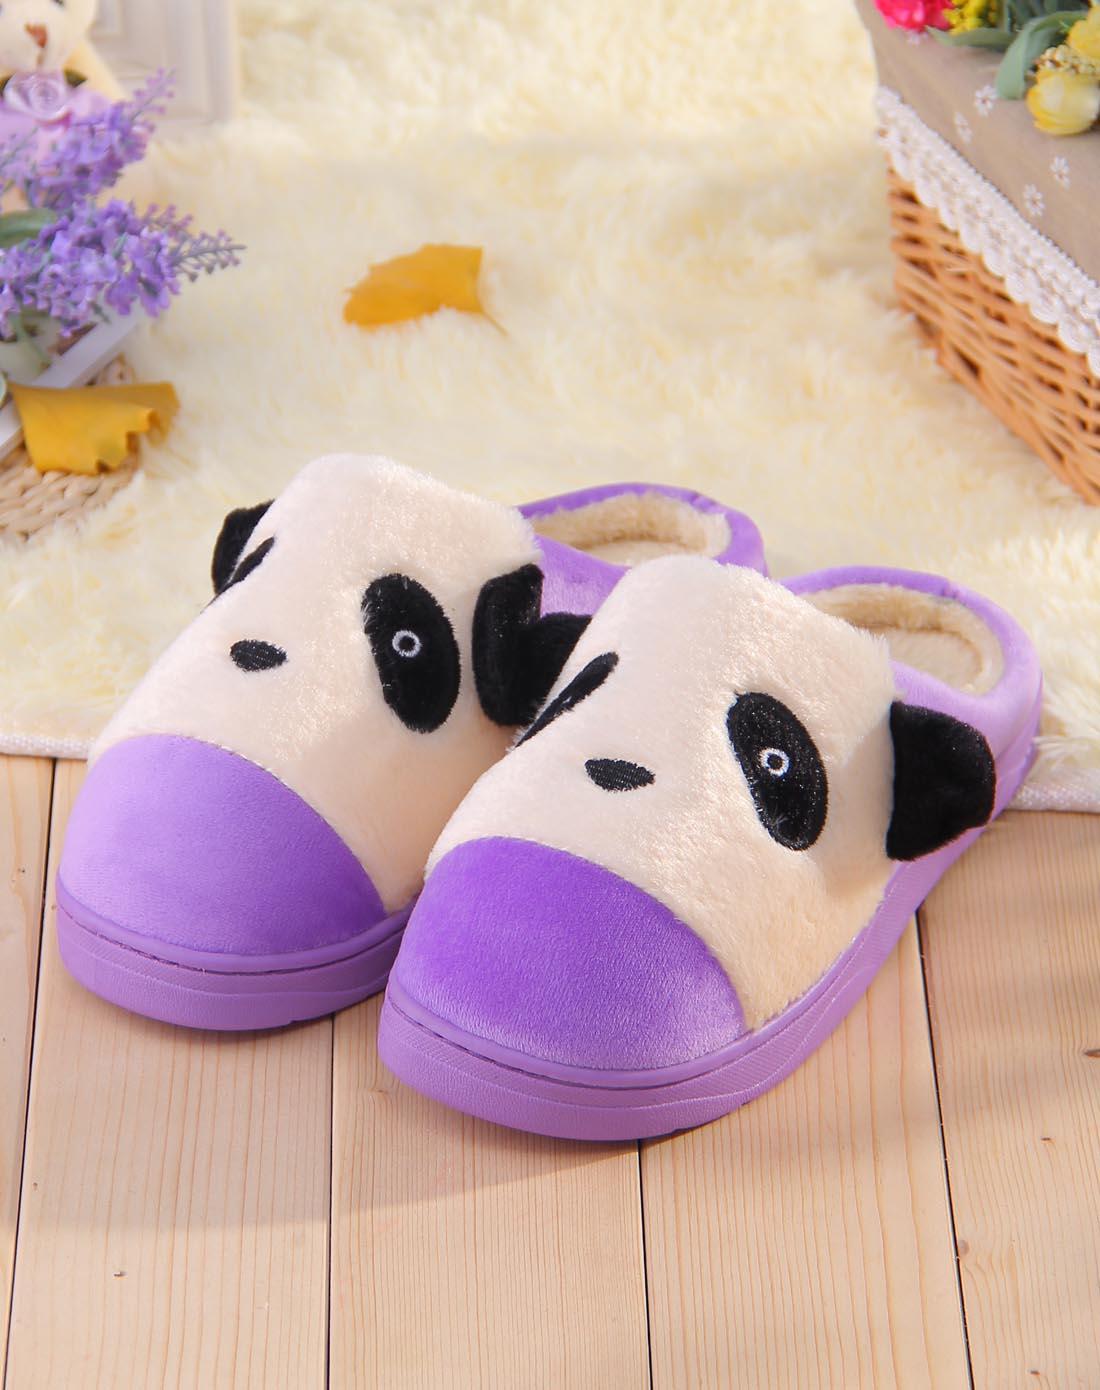 女士紫色卡通熊猫脸刺绣侧耳可爱女士包跟棉拖鞋